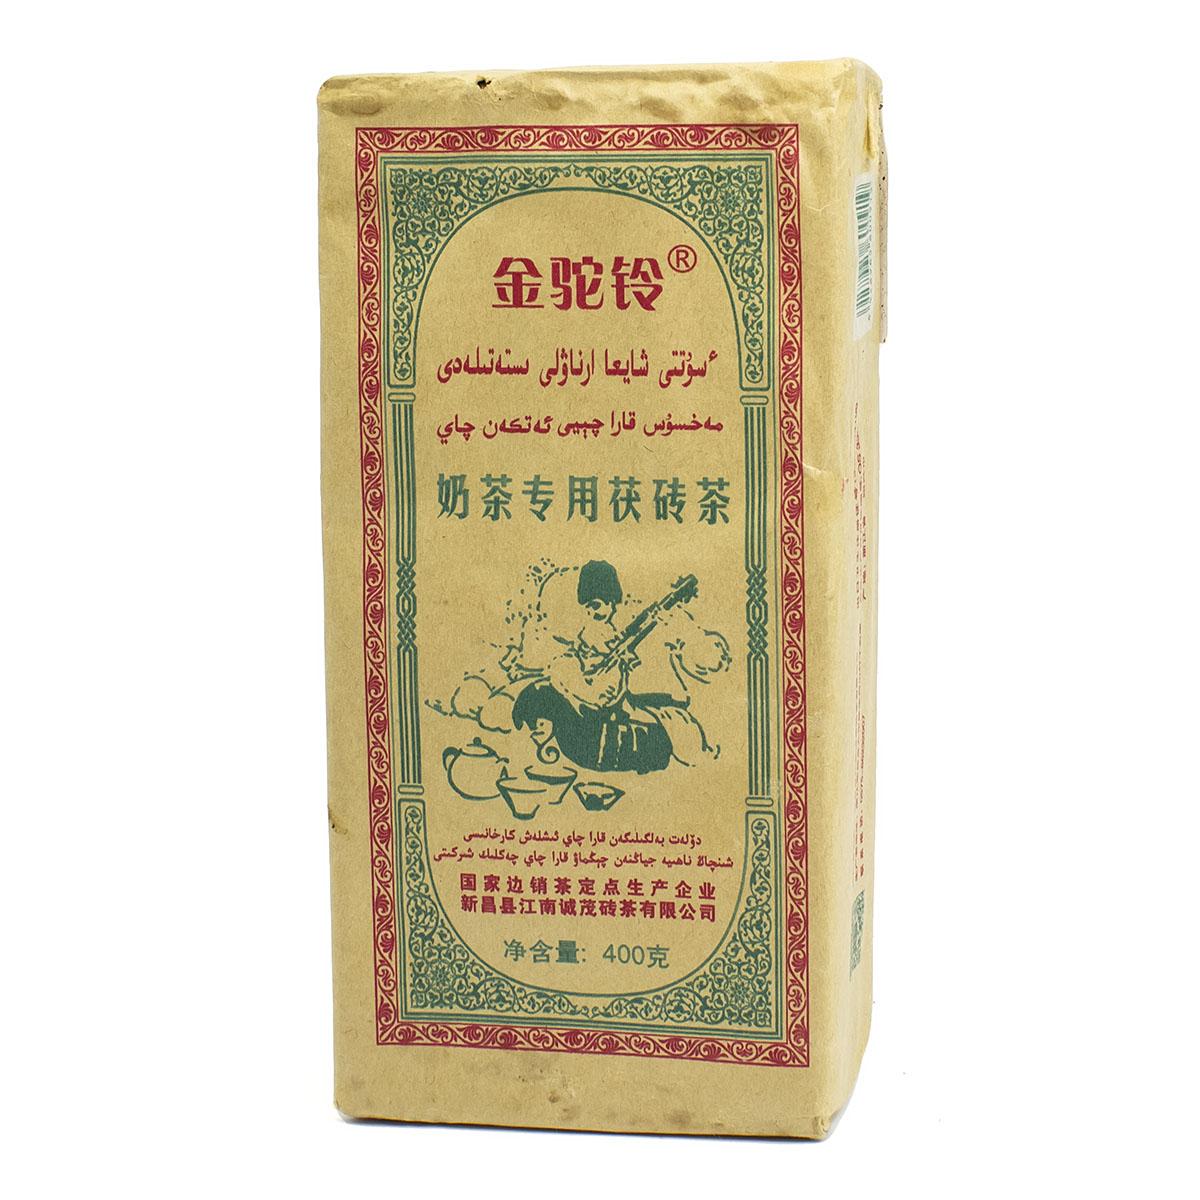 Чай черный Най Ча Чжунь Юнг Фу Чжуань Ча Zarapshan, 2016, кирпич, 400 г чай белый бай ча мини то ча 5 7 г